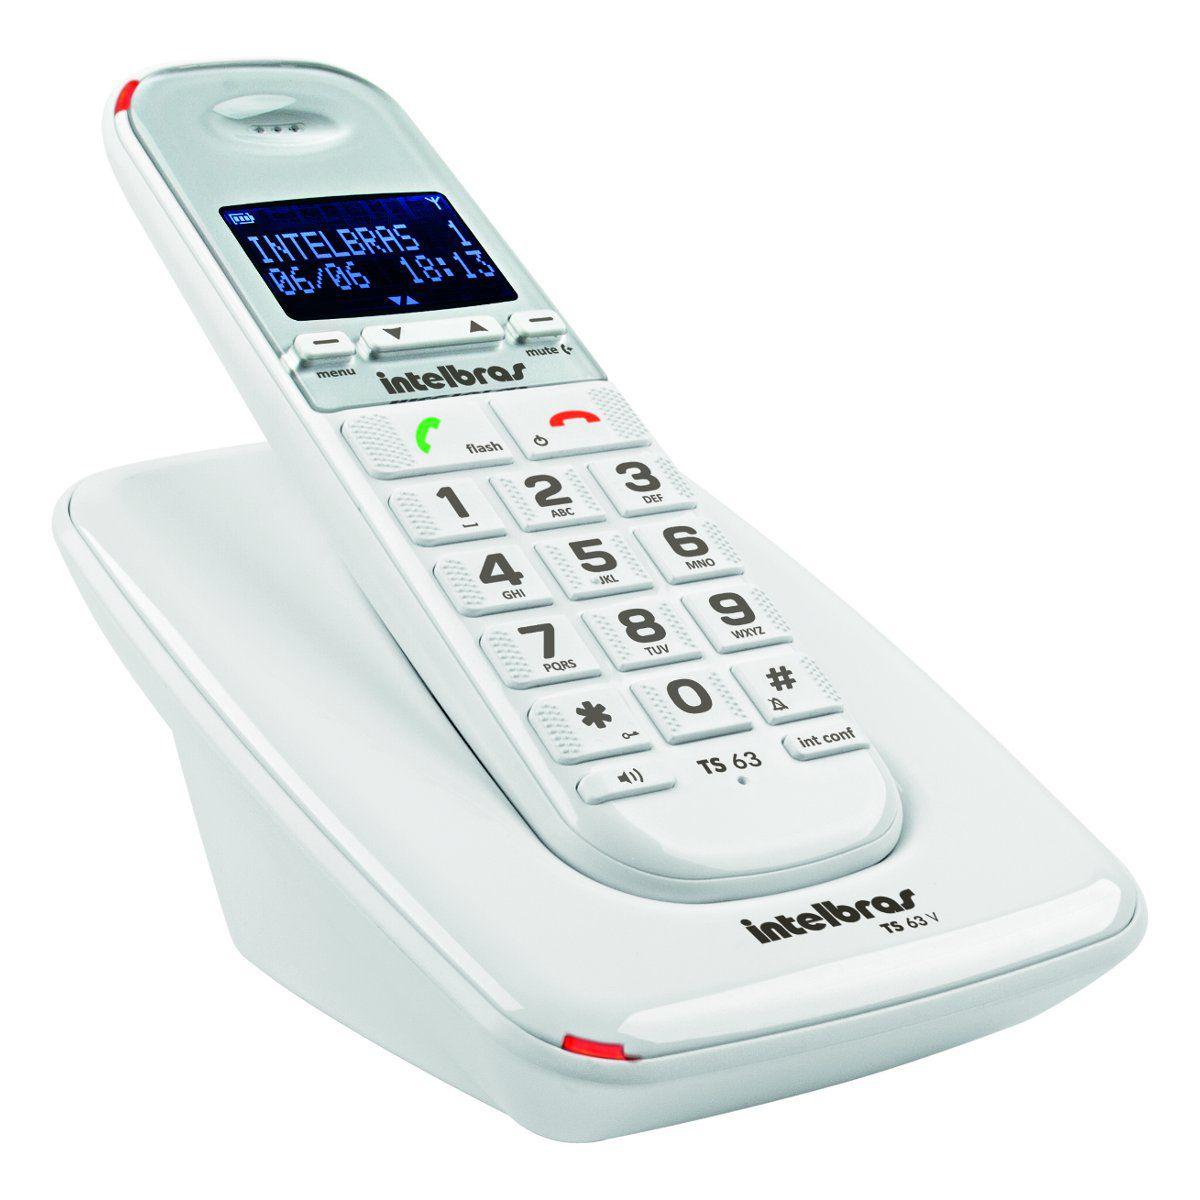 Telefone Sem Fio DECT 6.0 com Identificador de Chamadas e Viva Voz TS 63V Branco Intelbras  - ShopNoroeste.com.br